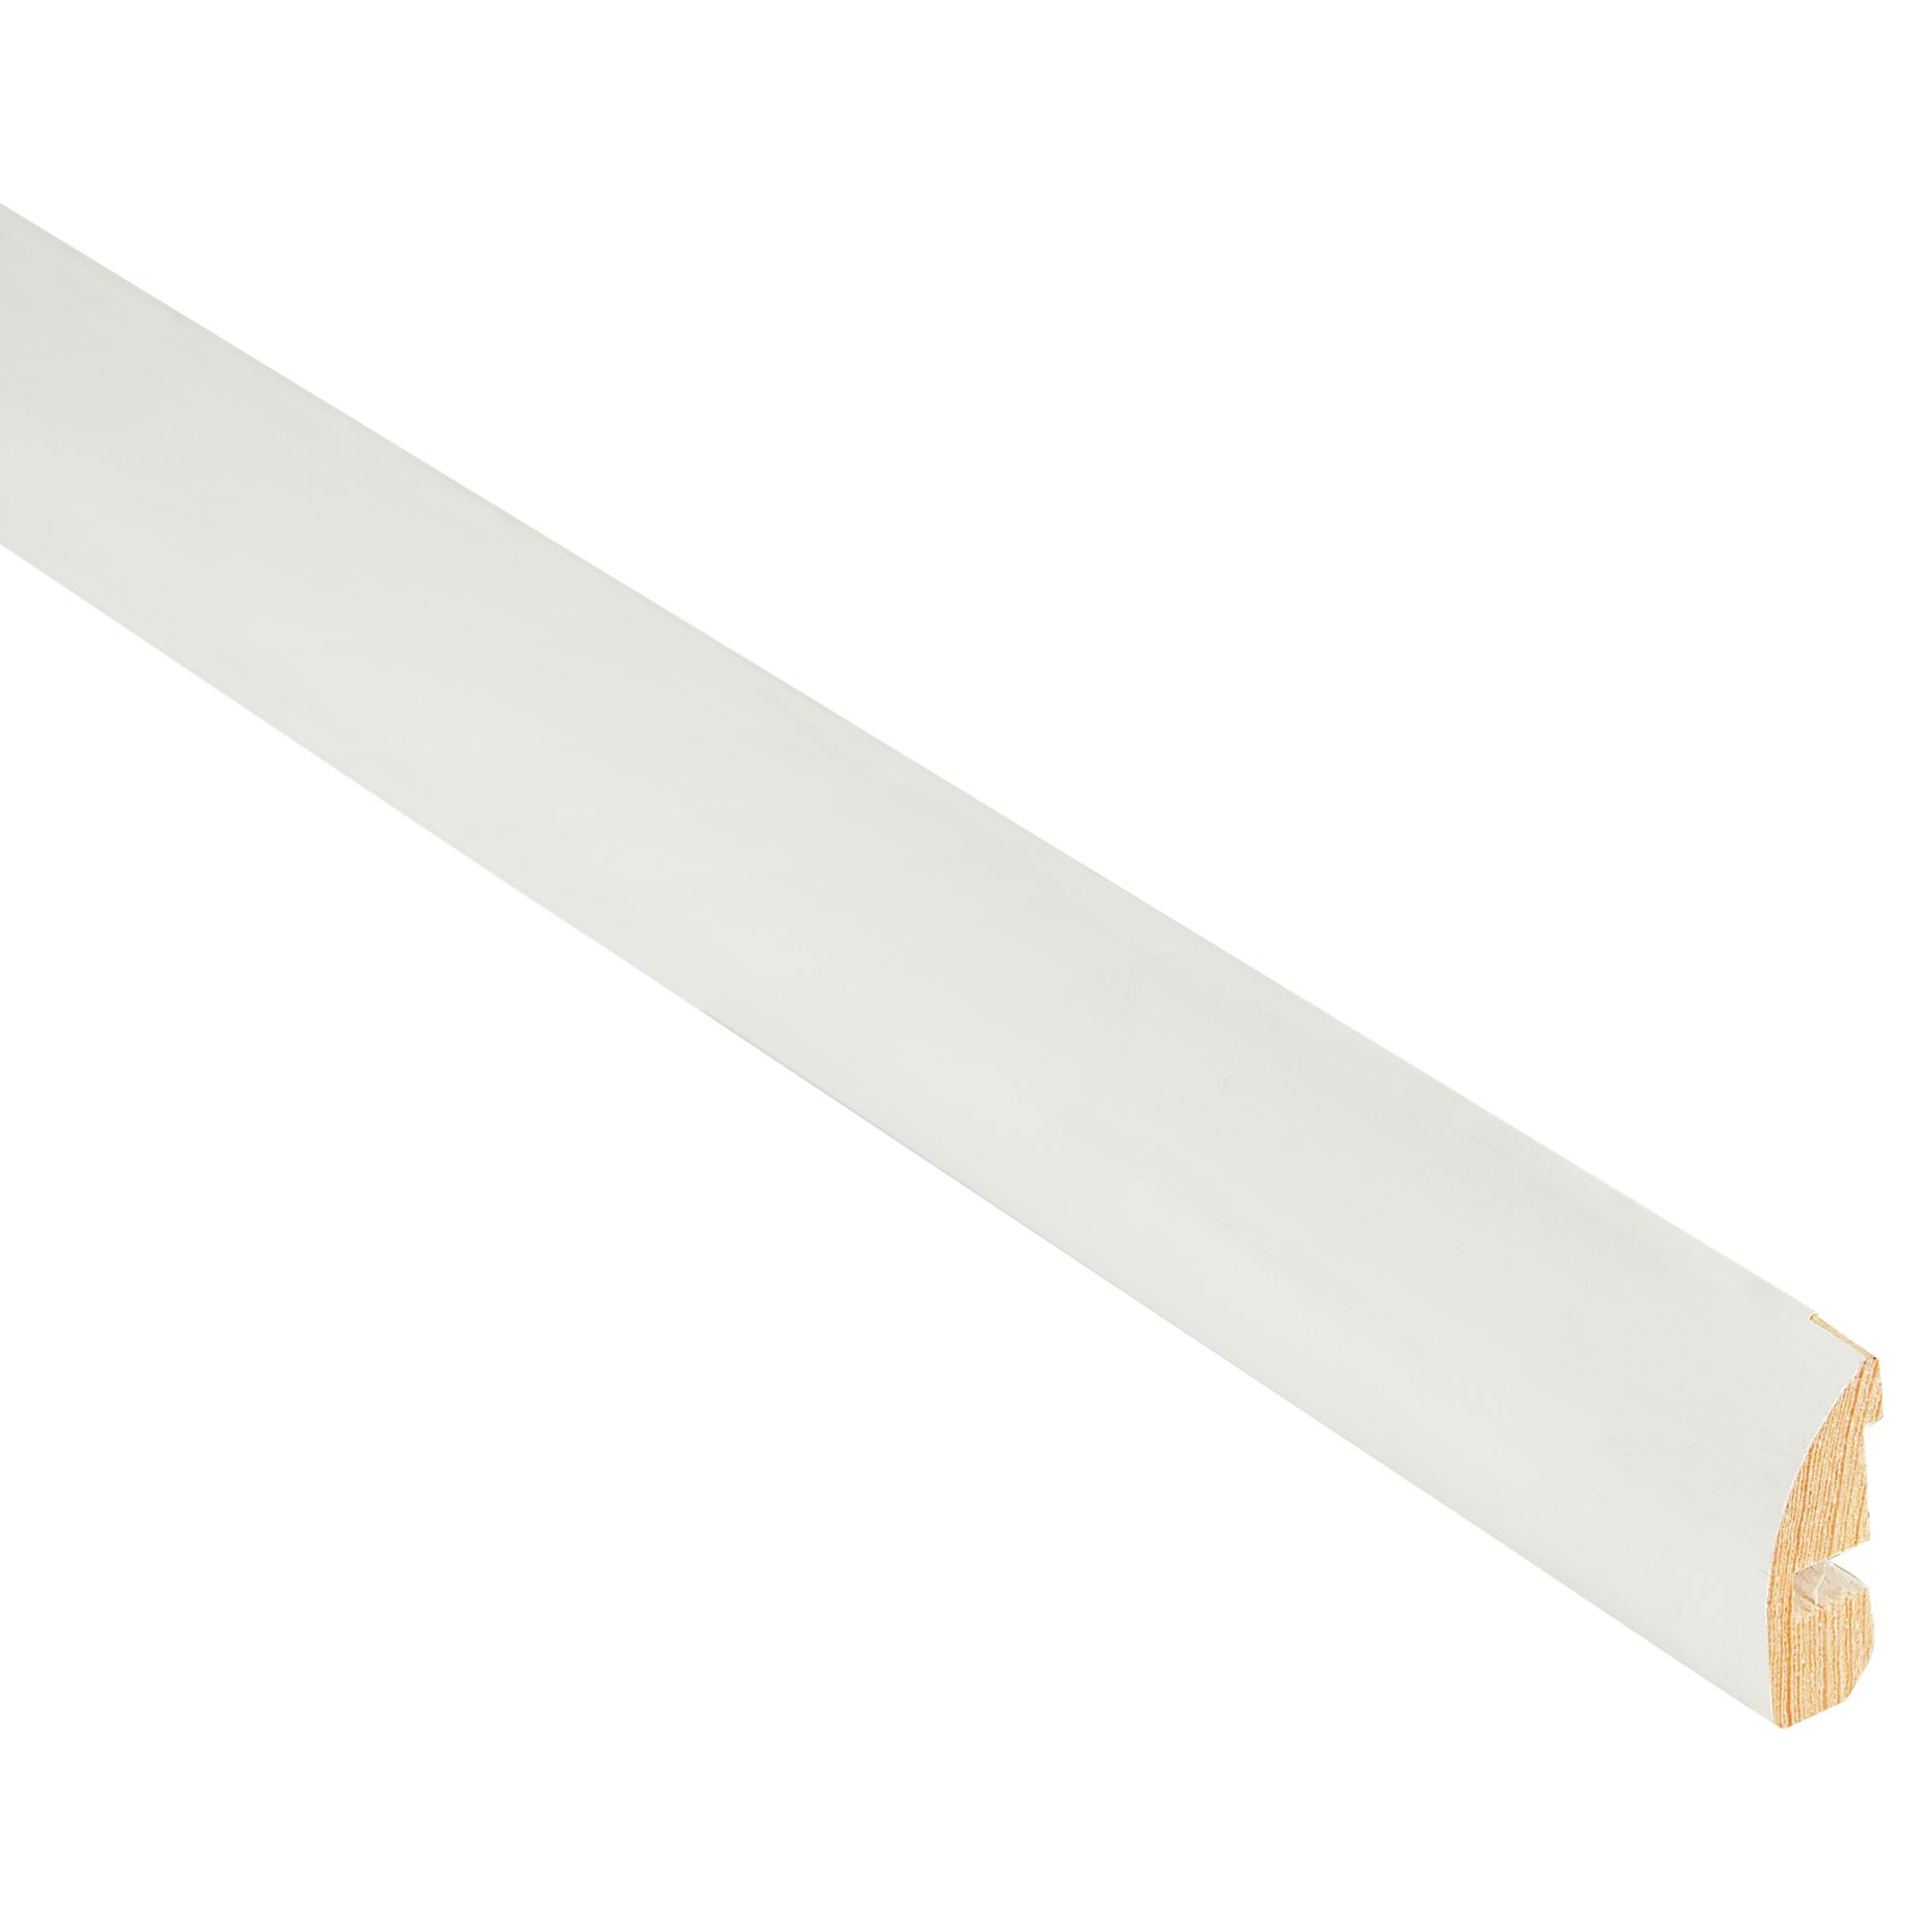 Deckenleiste Varnea Weiss 2400 X 35 X 14 Mm ǀ Toom Baumarkt